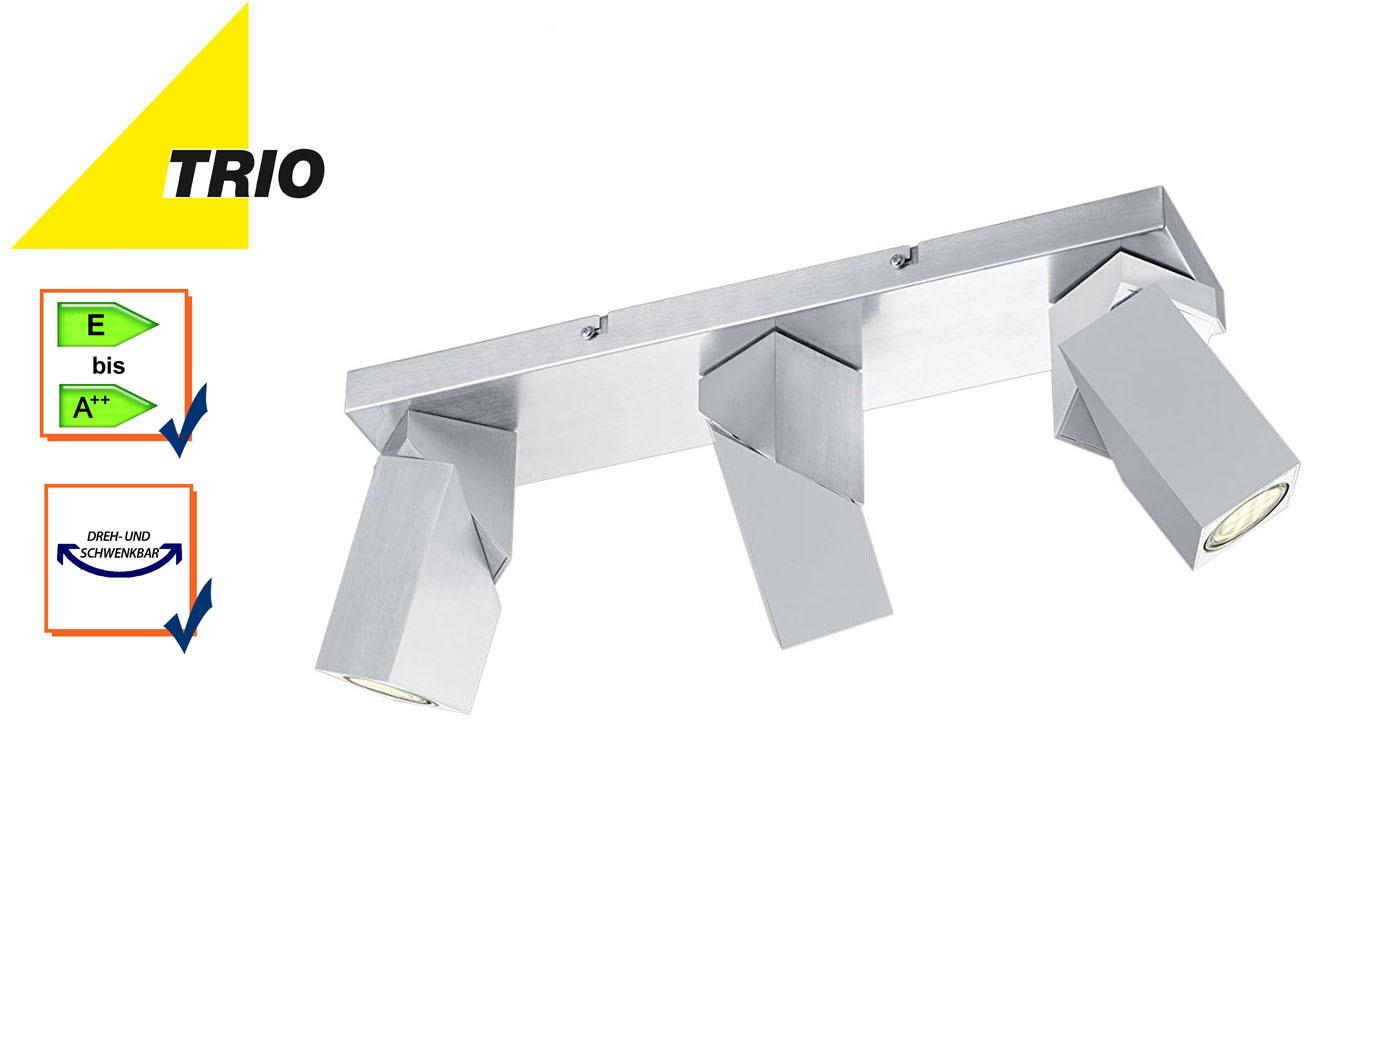 Büro & Schreibwaren Deckenspot Deckenlampe Deckenleuchte Wandlampe Deckenstrahler Lampe Bad Küche So Effektiv Wie Eine Fee Büromöbel